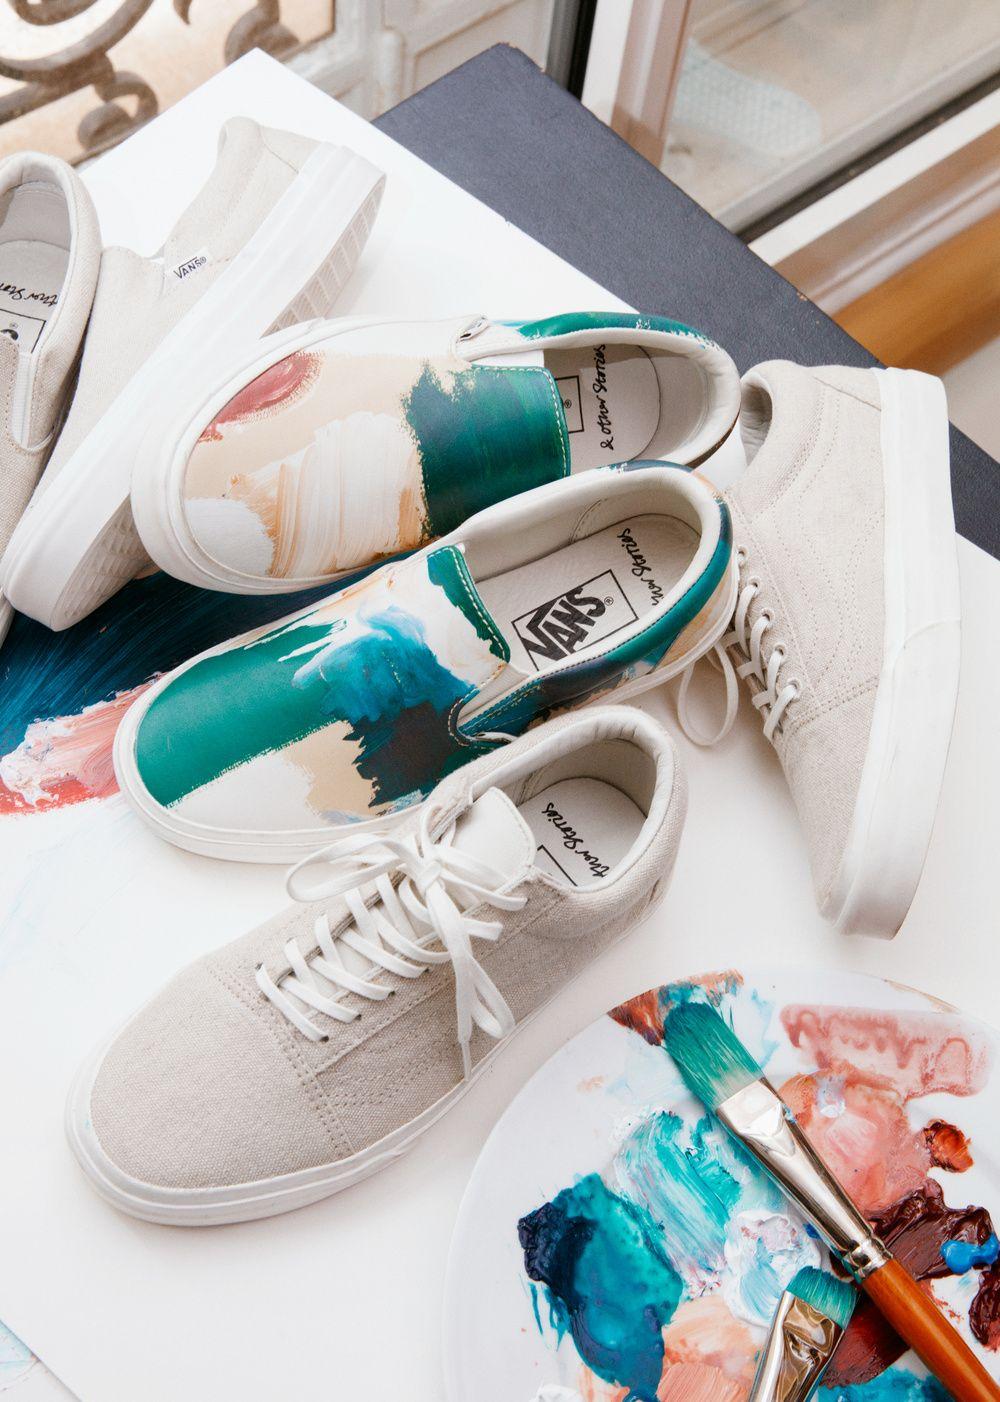 Après une collaboration réussie l'an dernier, & Other Stories et Vans reviennent sur le devant de la scène avec une nouvelle collection capsule de sneakers.